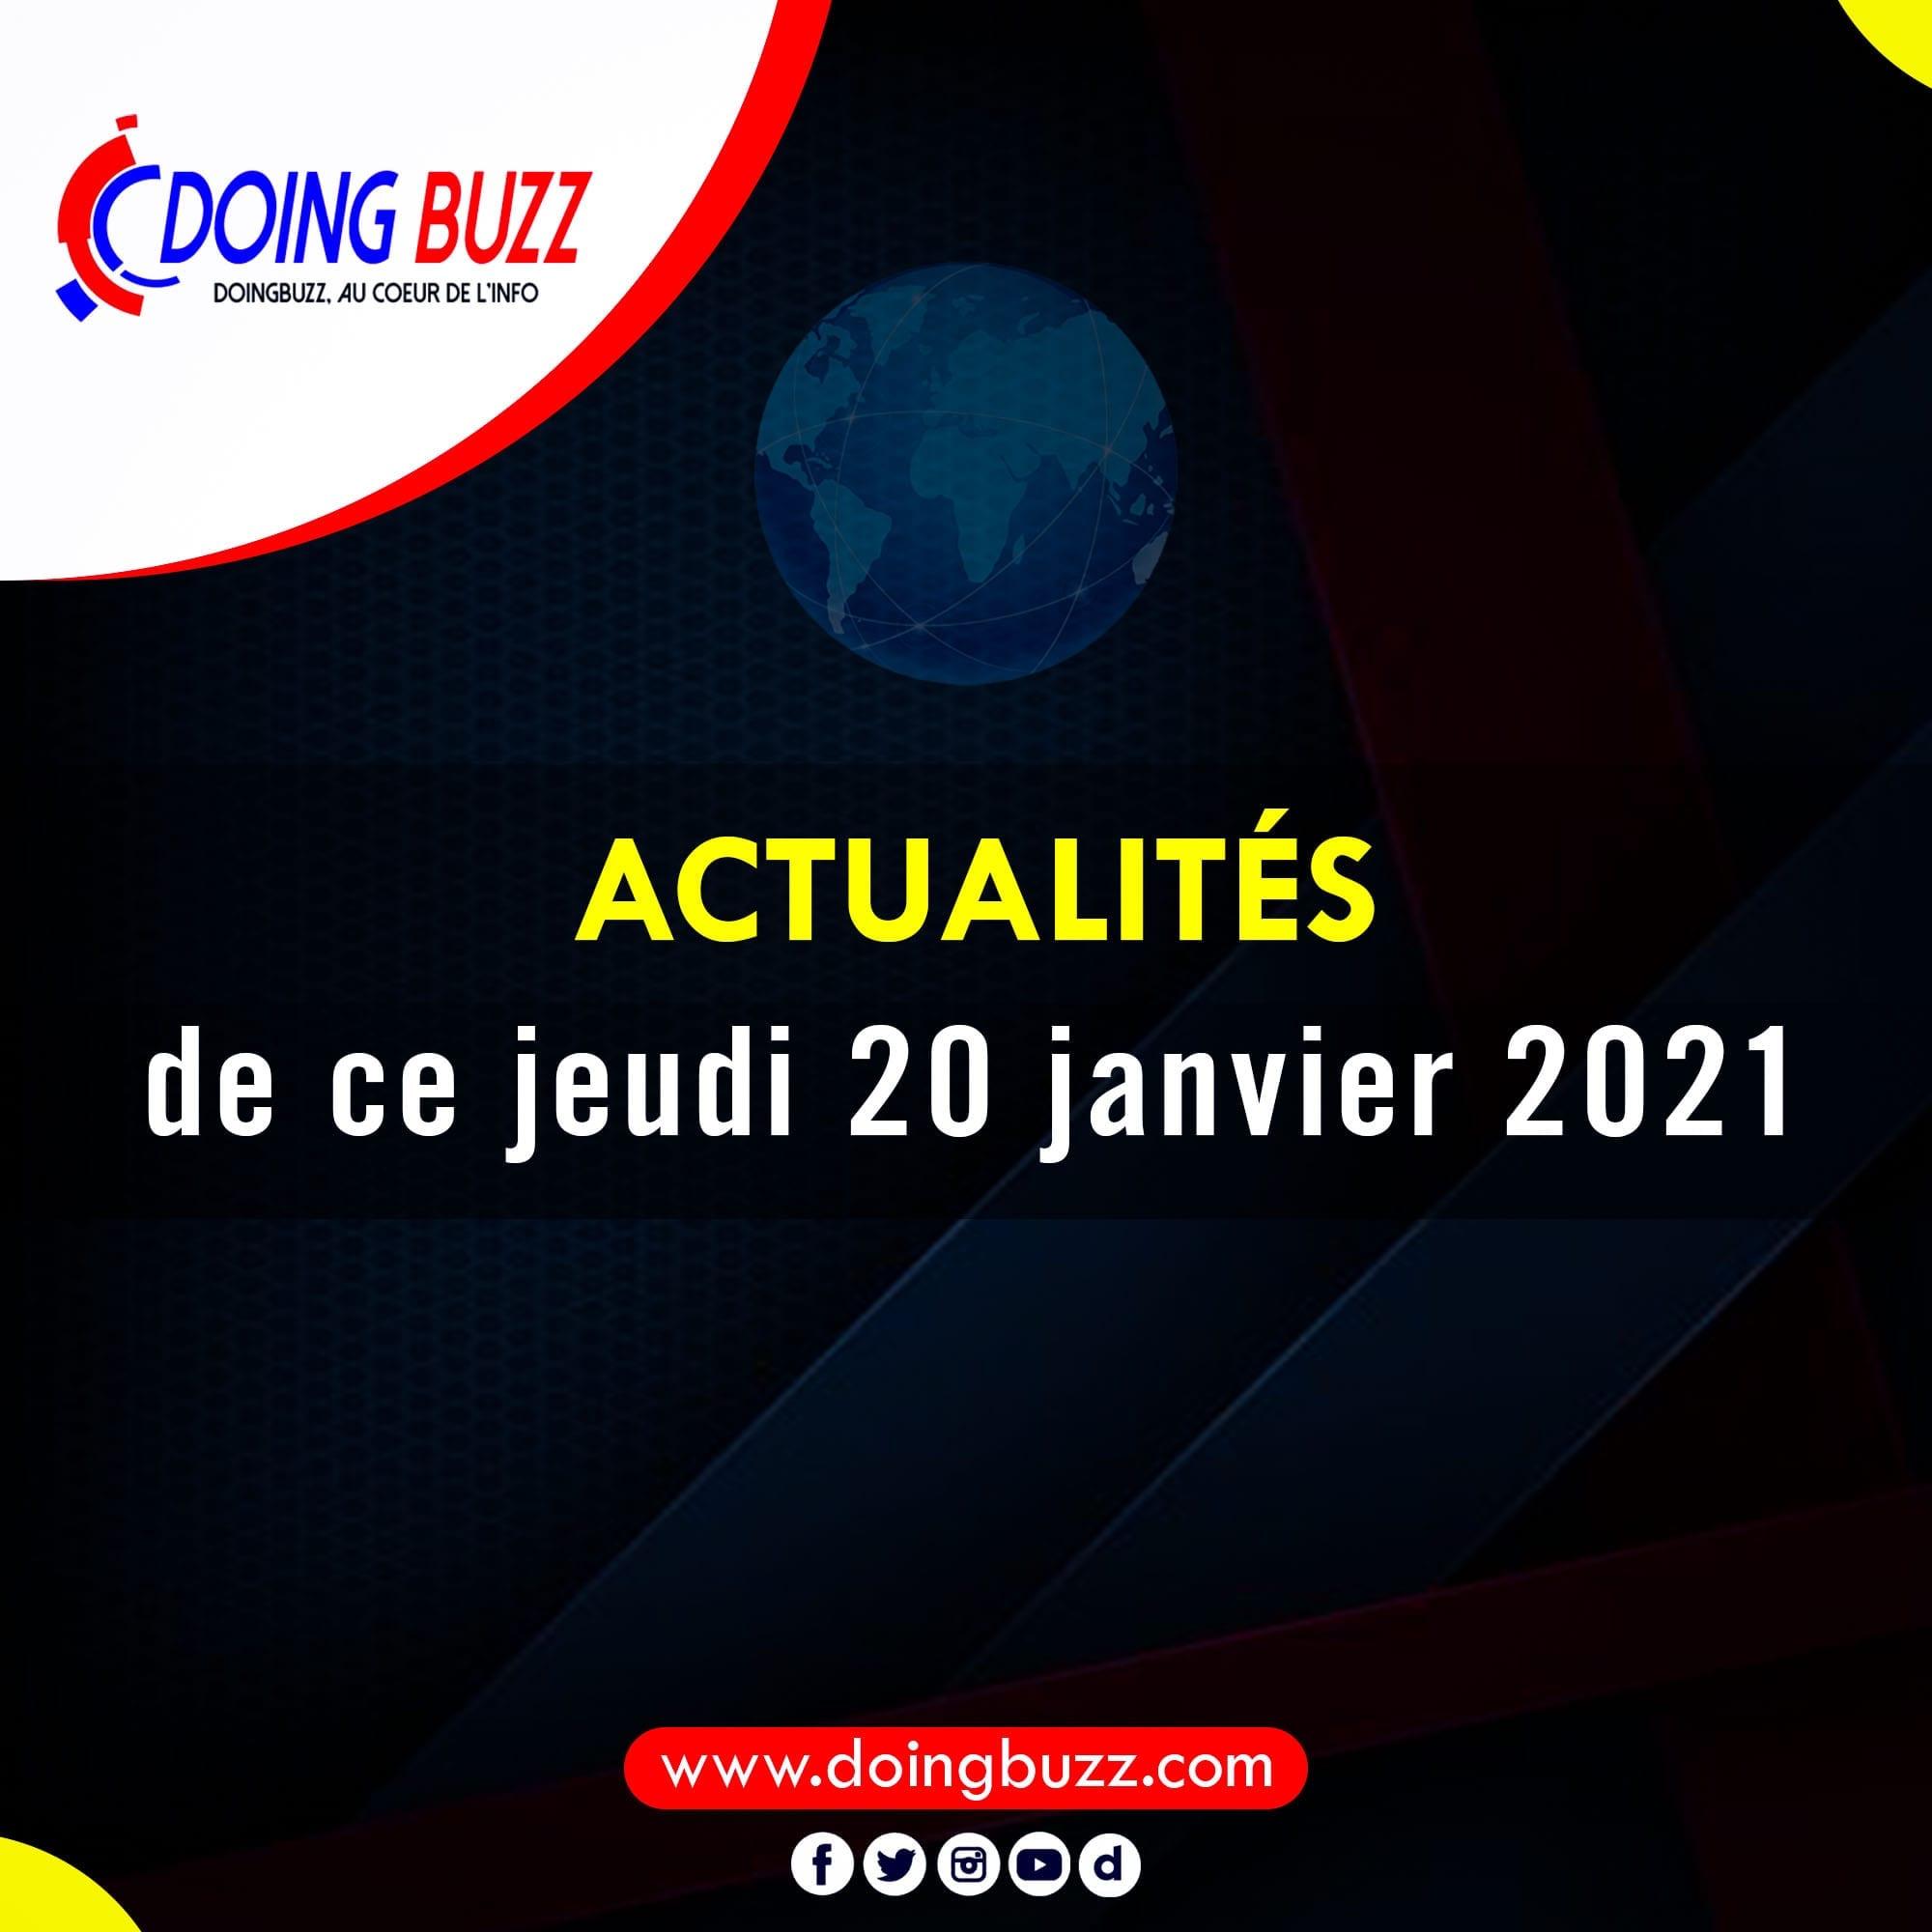 Actualités du jour sur Doingbuzz: Jeudi le 21 Janvier 2021